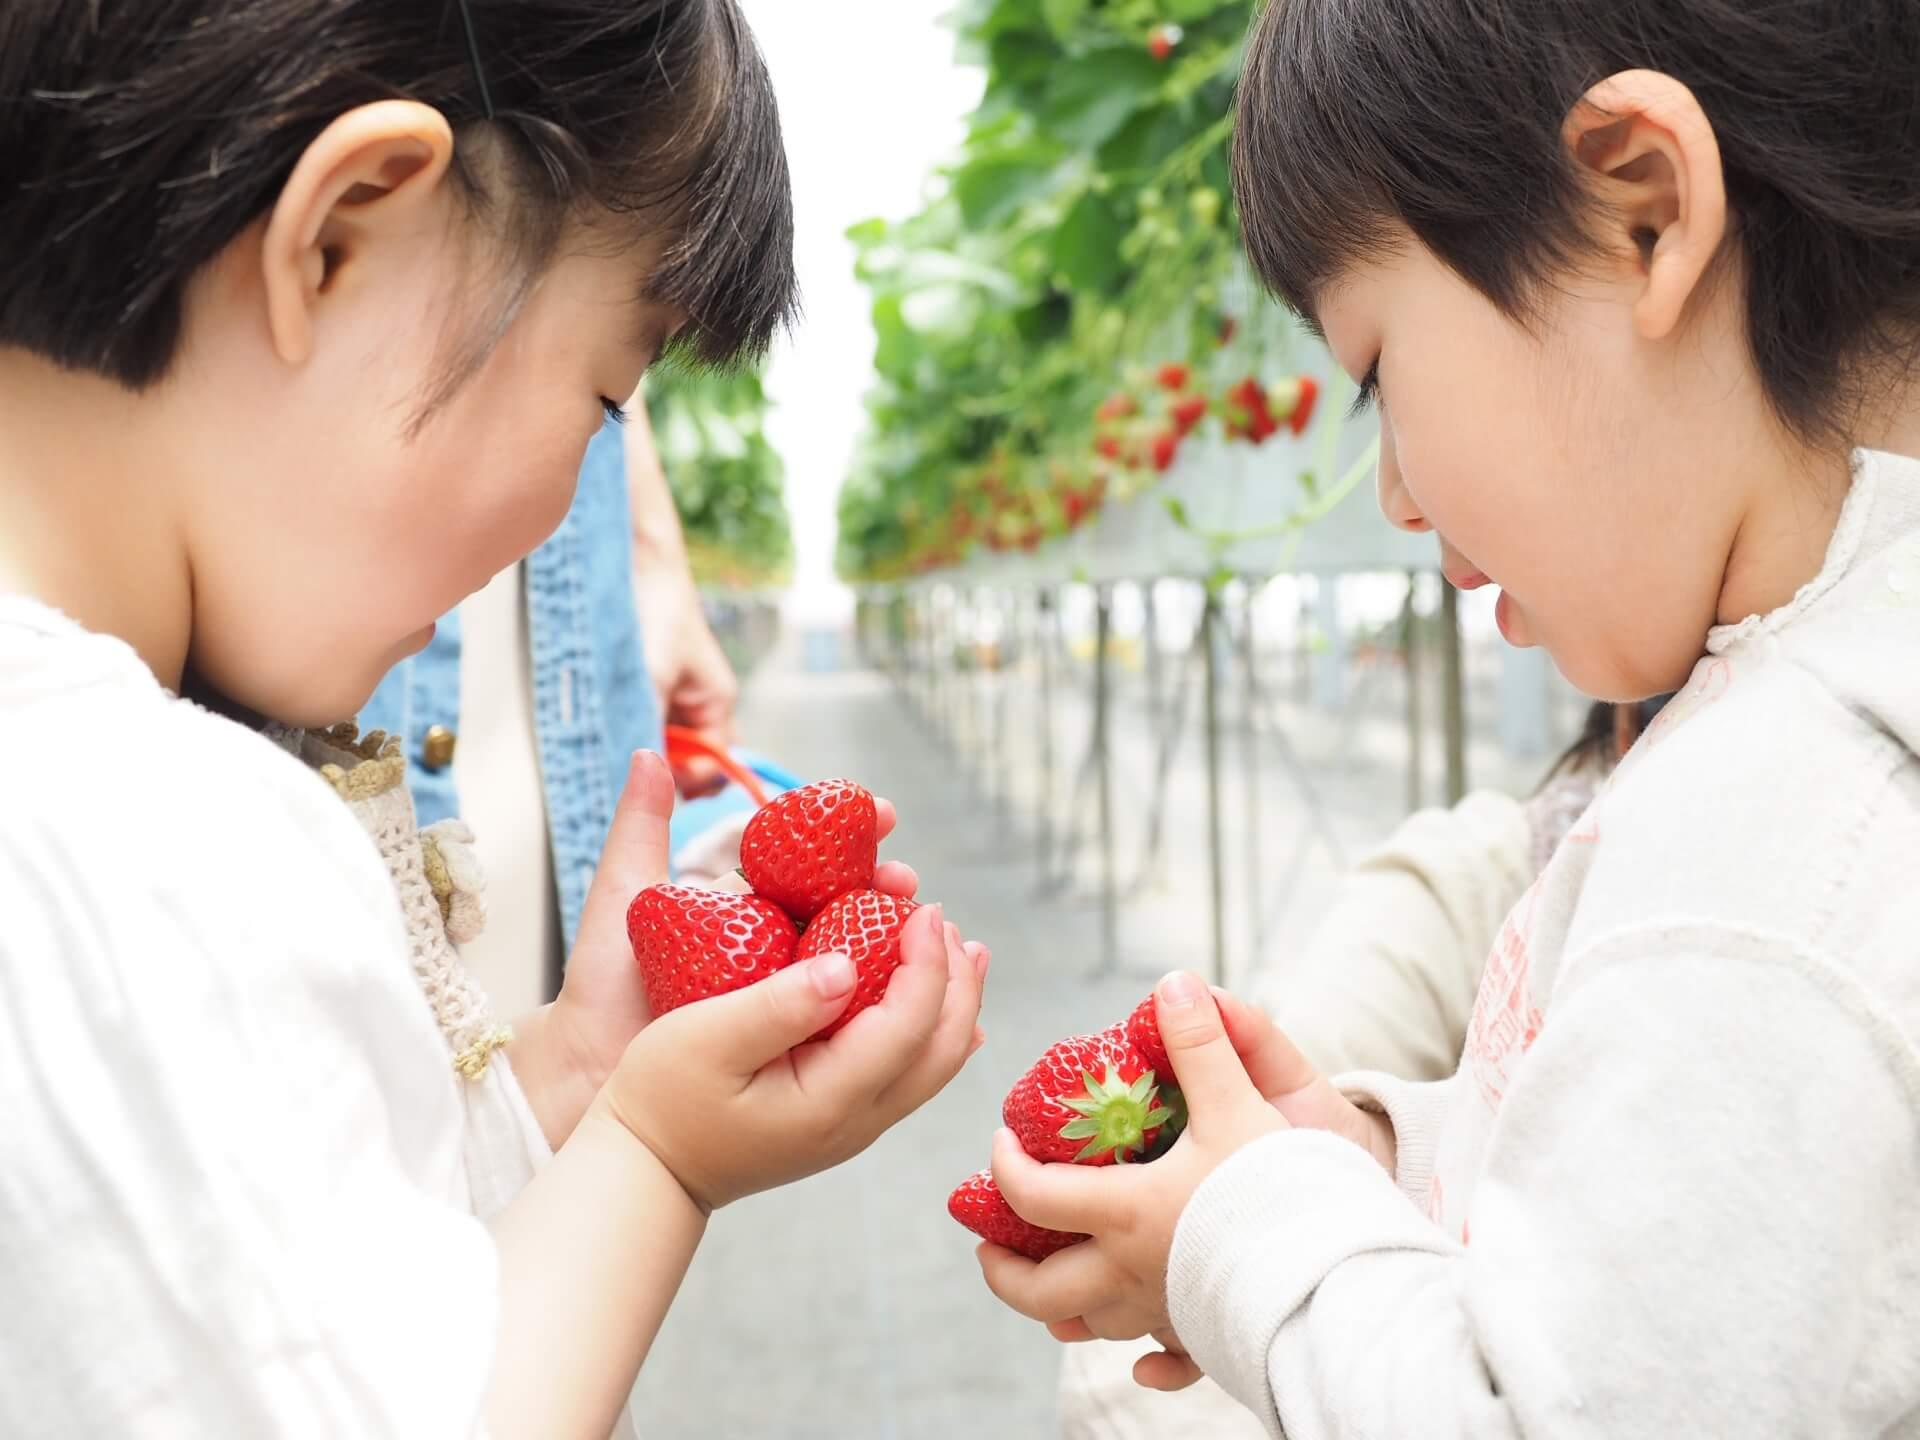 栃木県で人気のイチゴ狩りスポットを紹介!